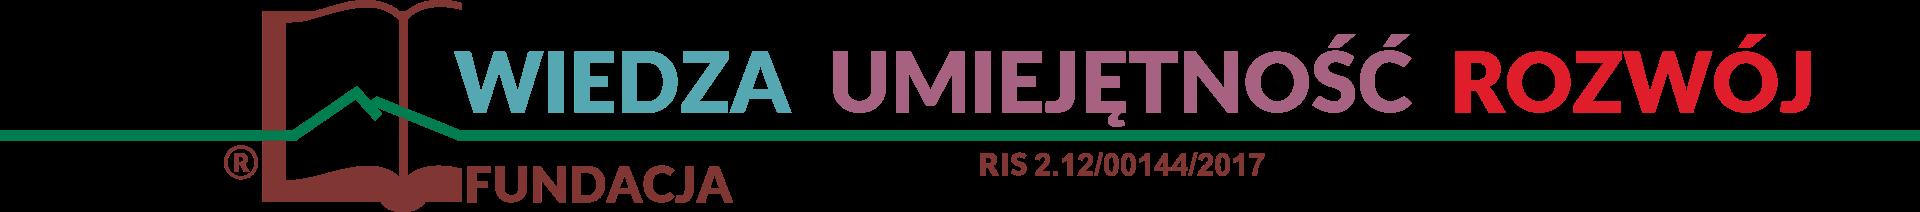 wurf-logo